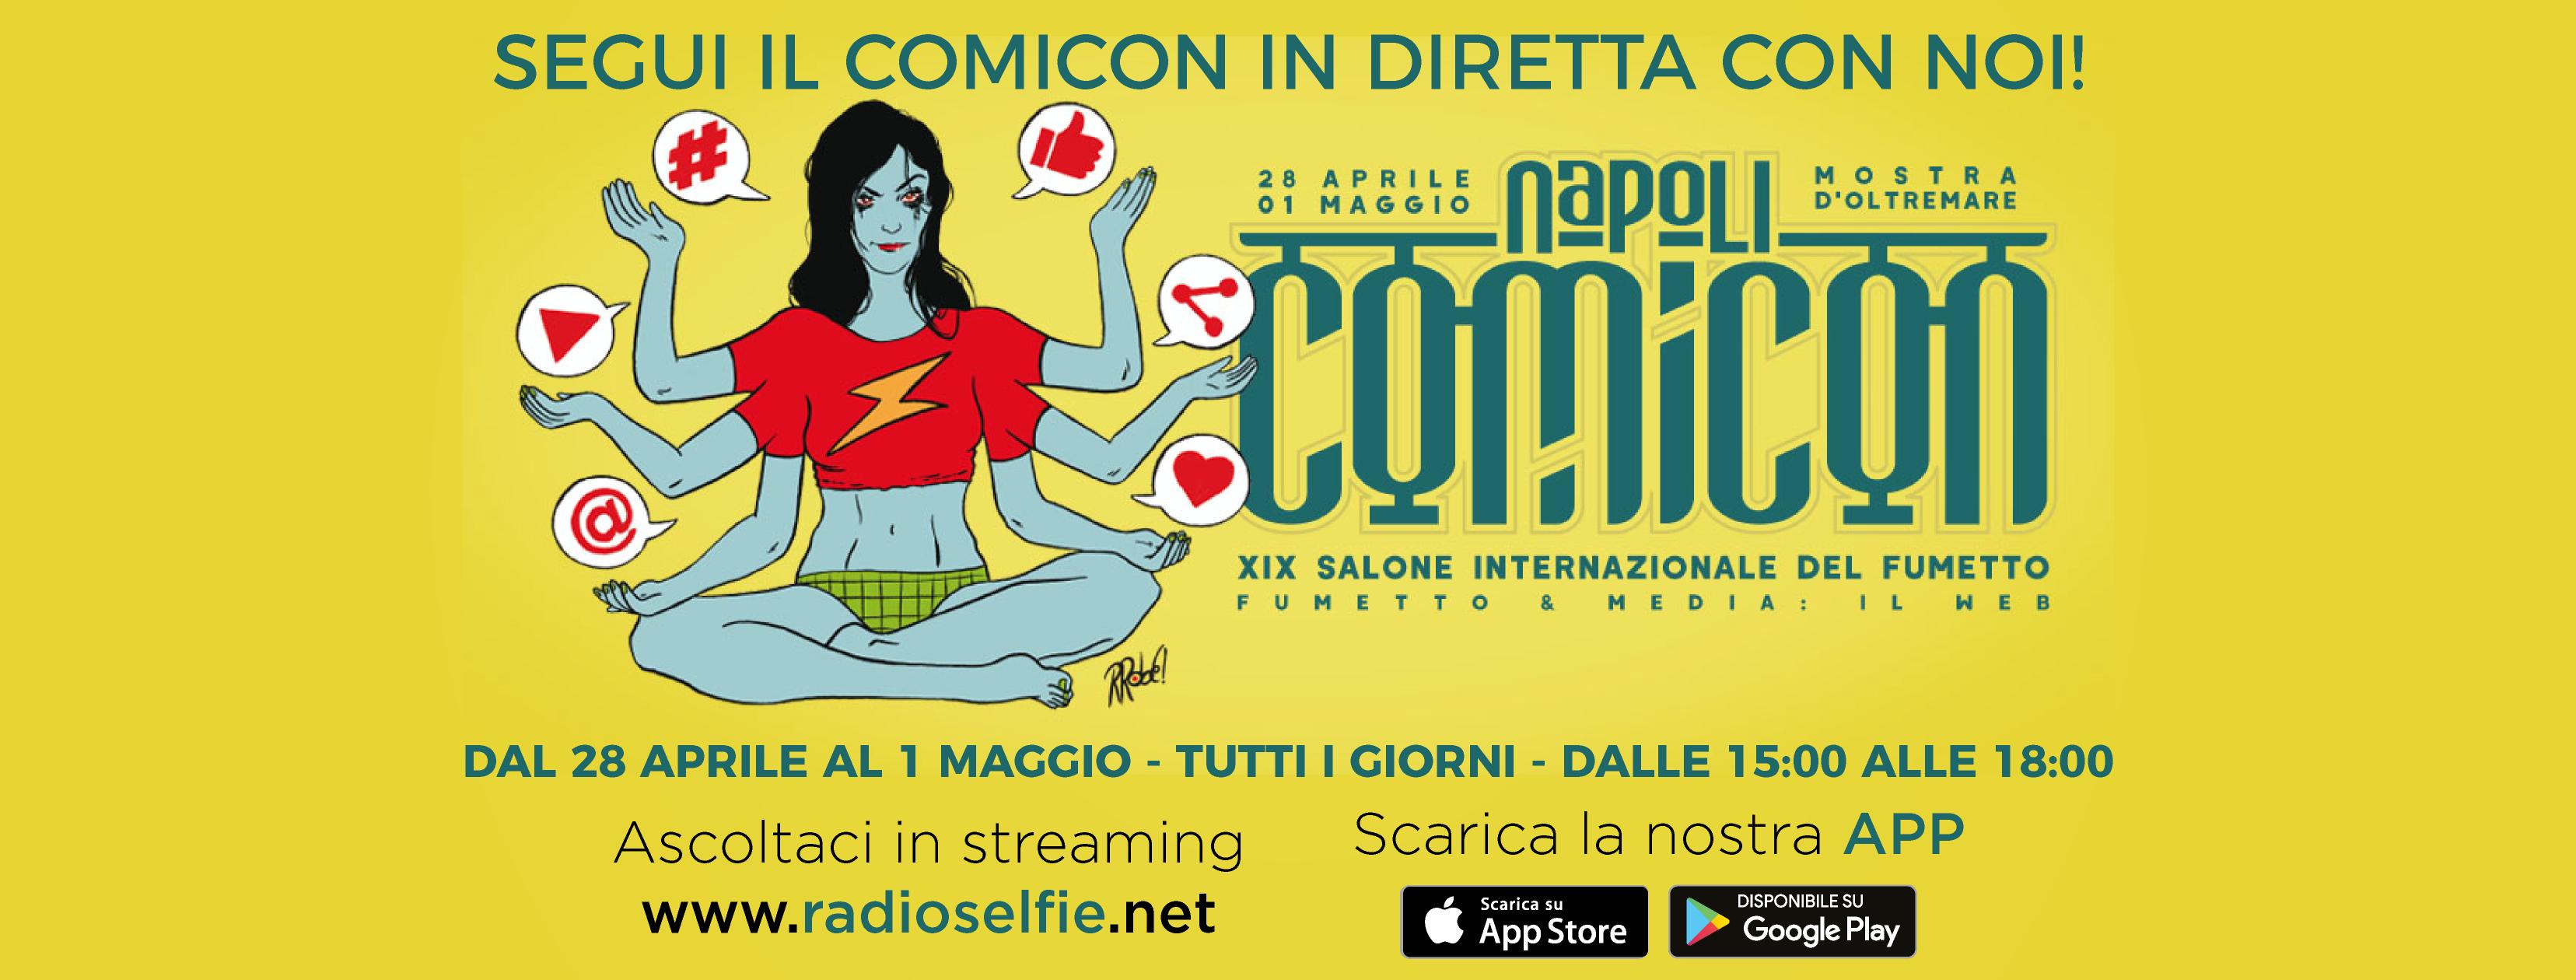 Comicon – #ComicONAIR